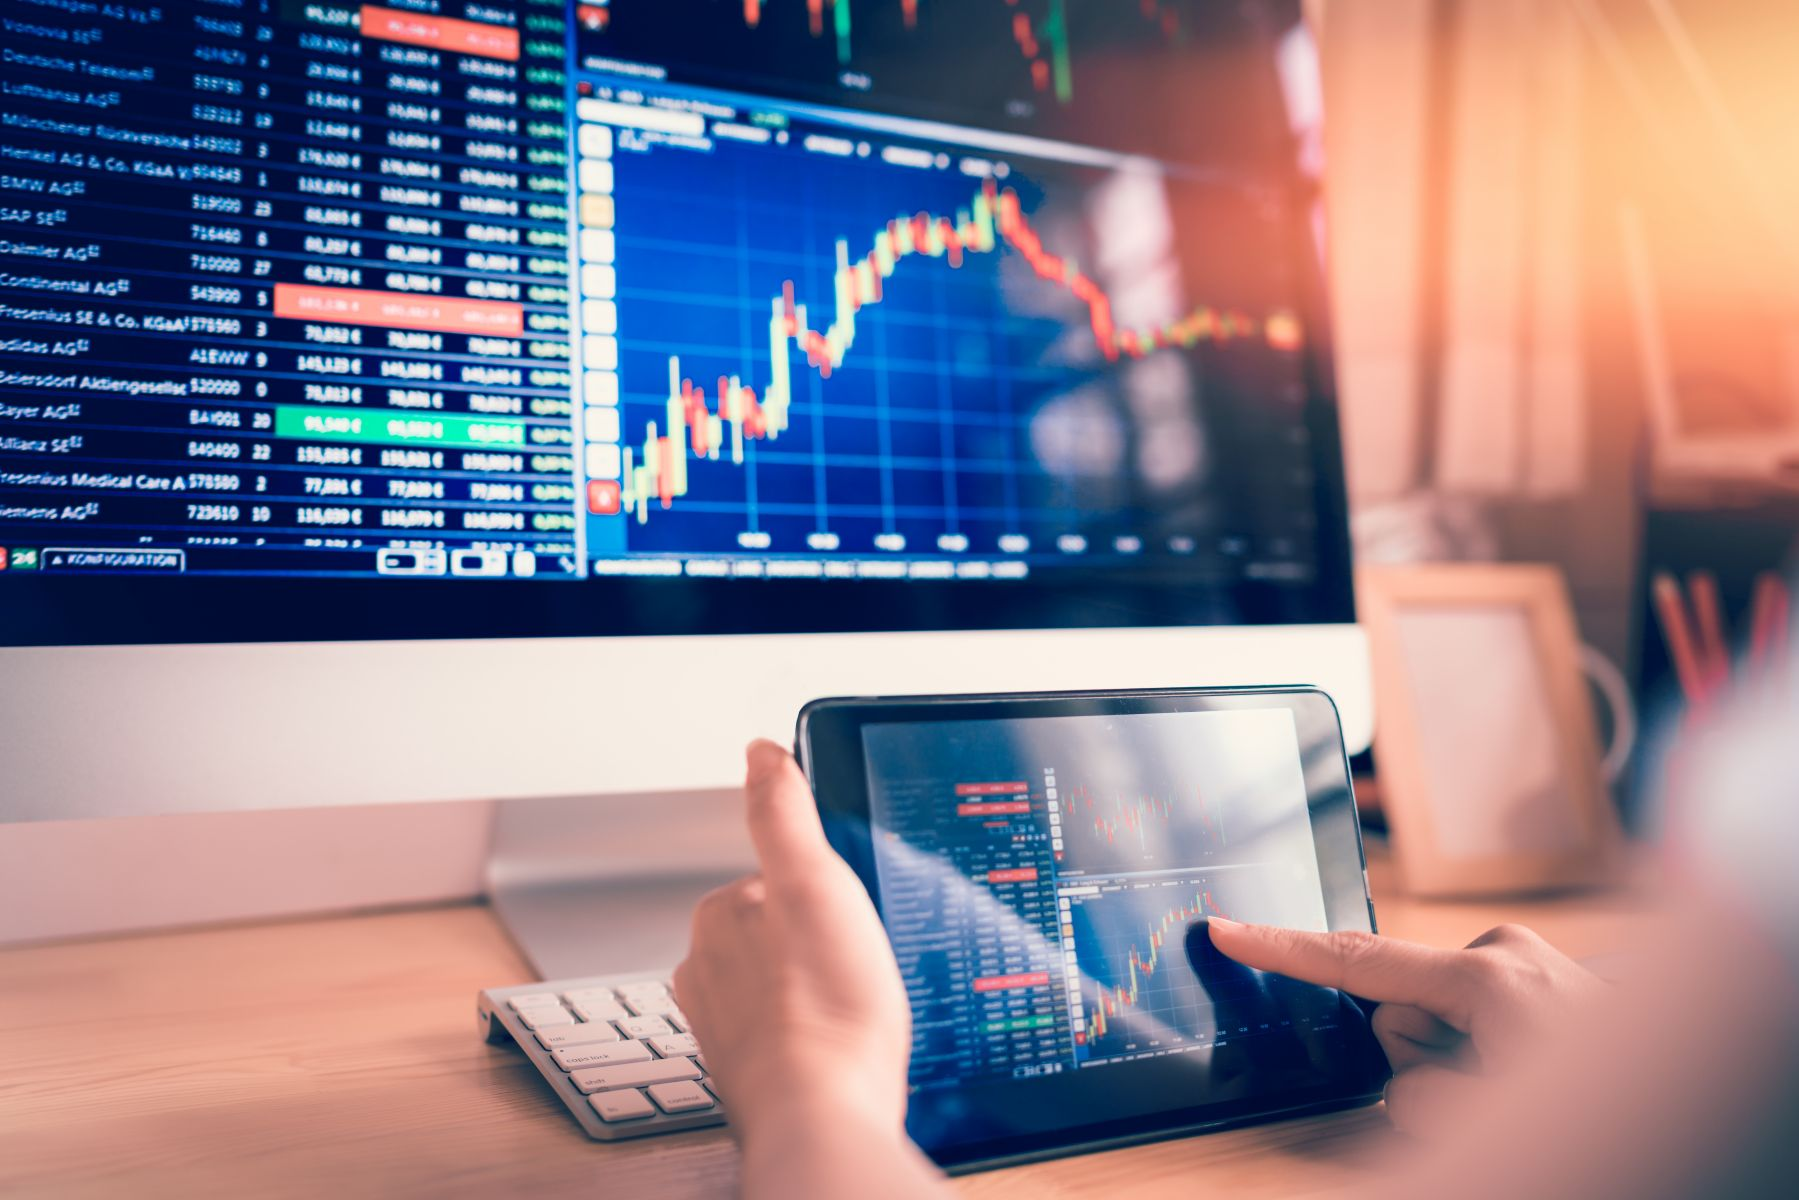 美股現階段還值得投資嗎?